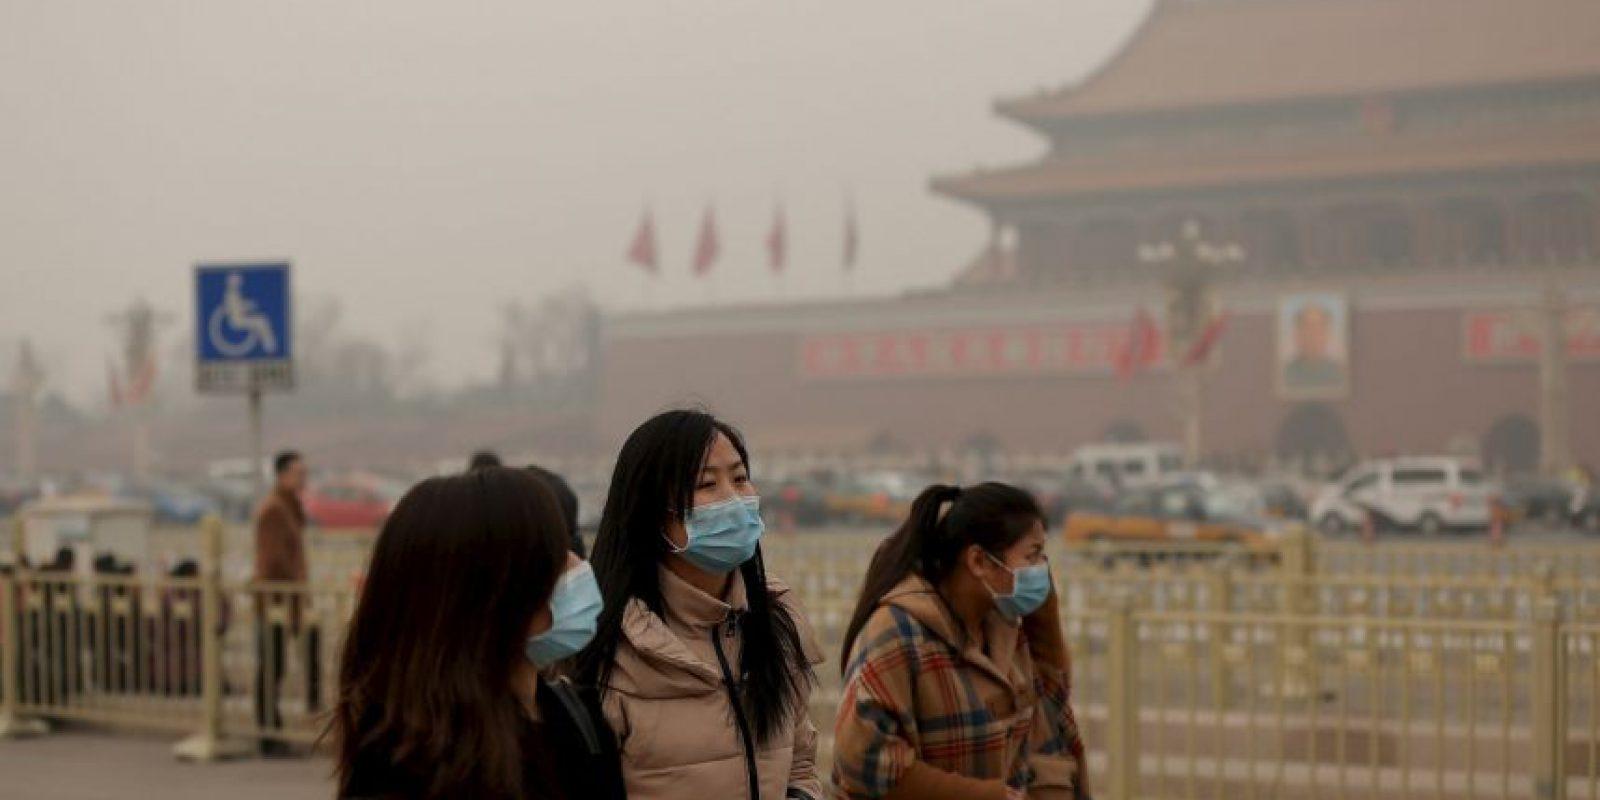 Las microparticulas analizadas por los científicos son conocidas como PM 2.5. Foto:Getty Images